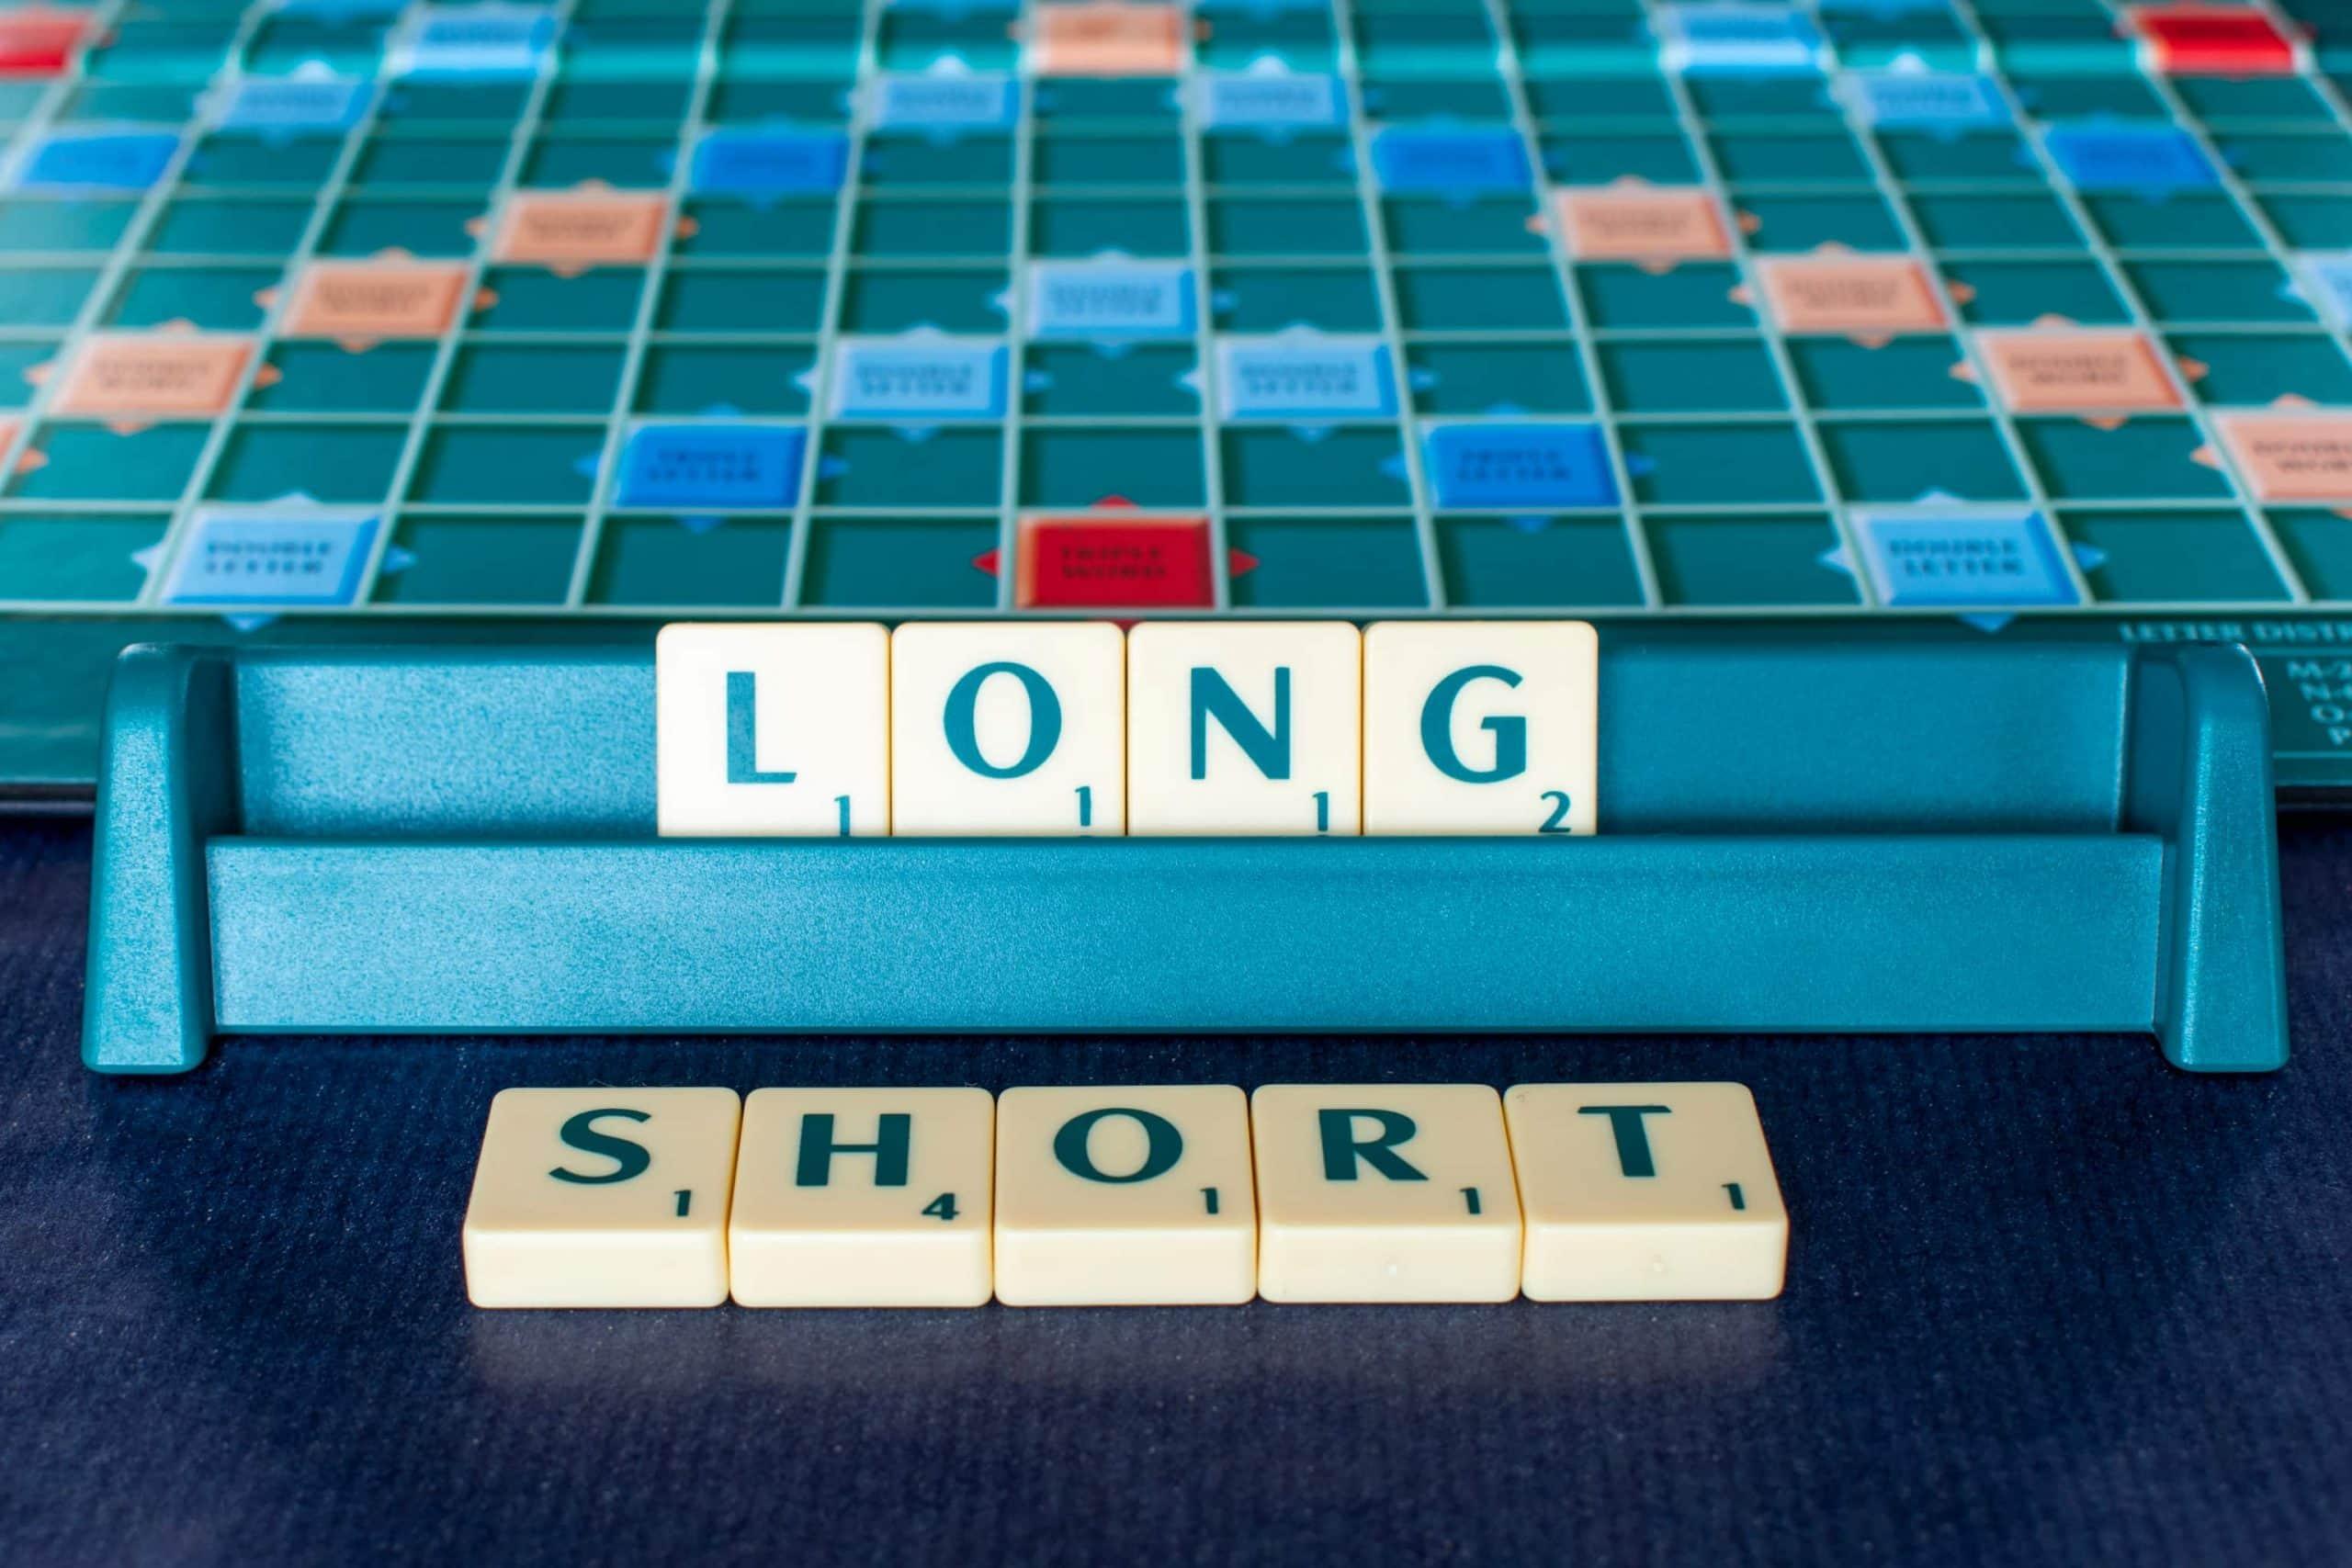 Scrabble-Buchstaben die die Worte LONG und SHORT formen